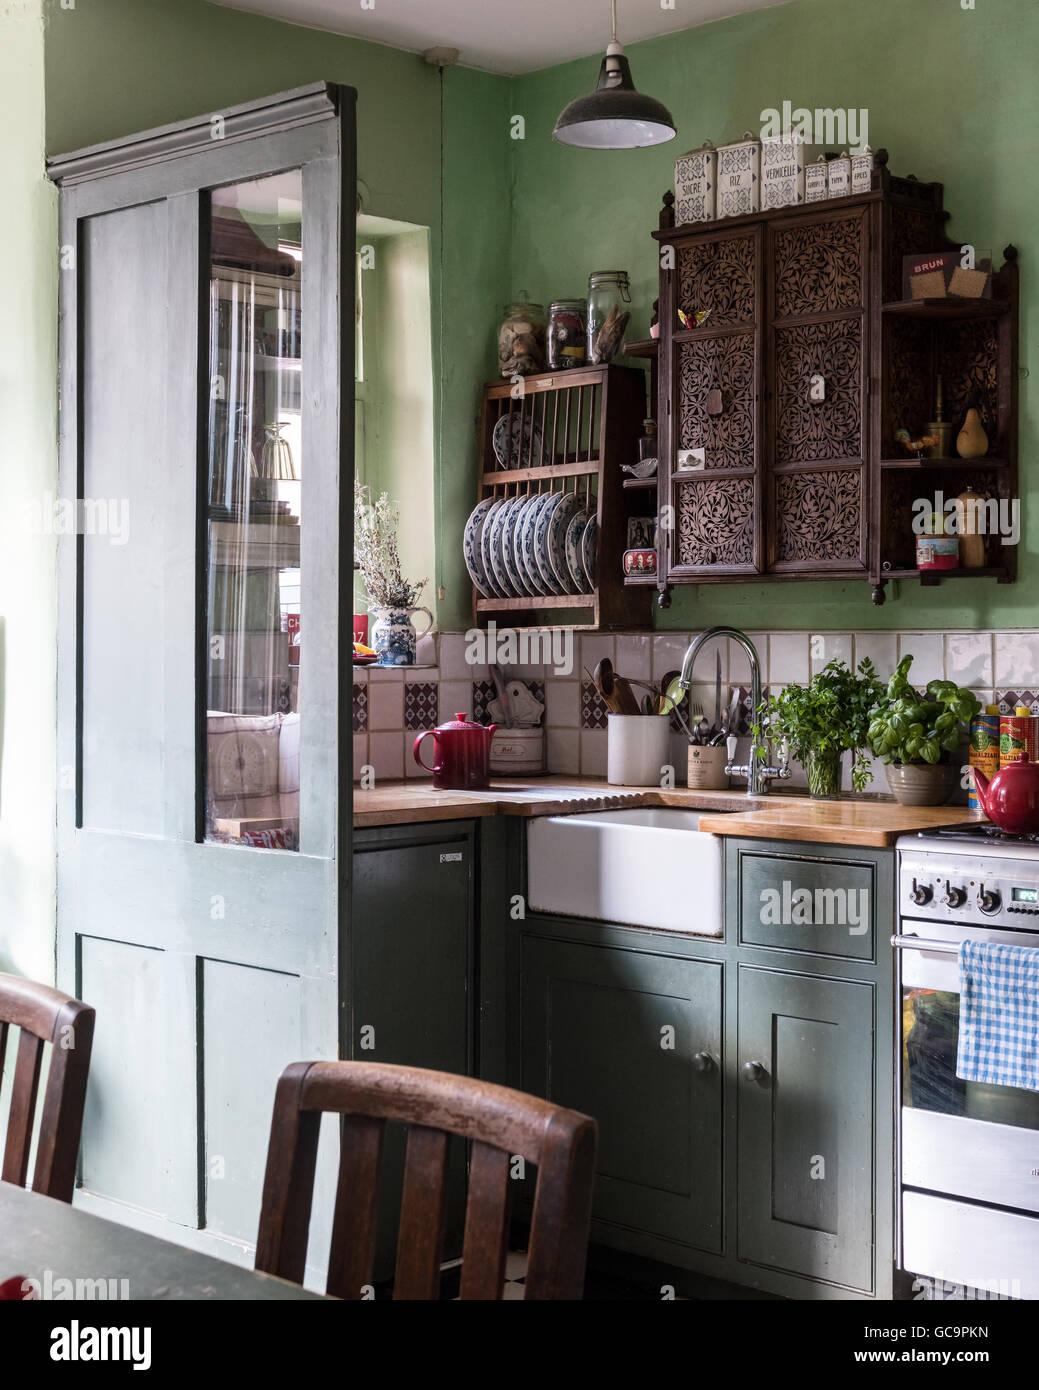 Ungewöhnlich Billige Weiße Küche Versinkt Uk Fotos - Küchen Design ...